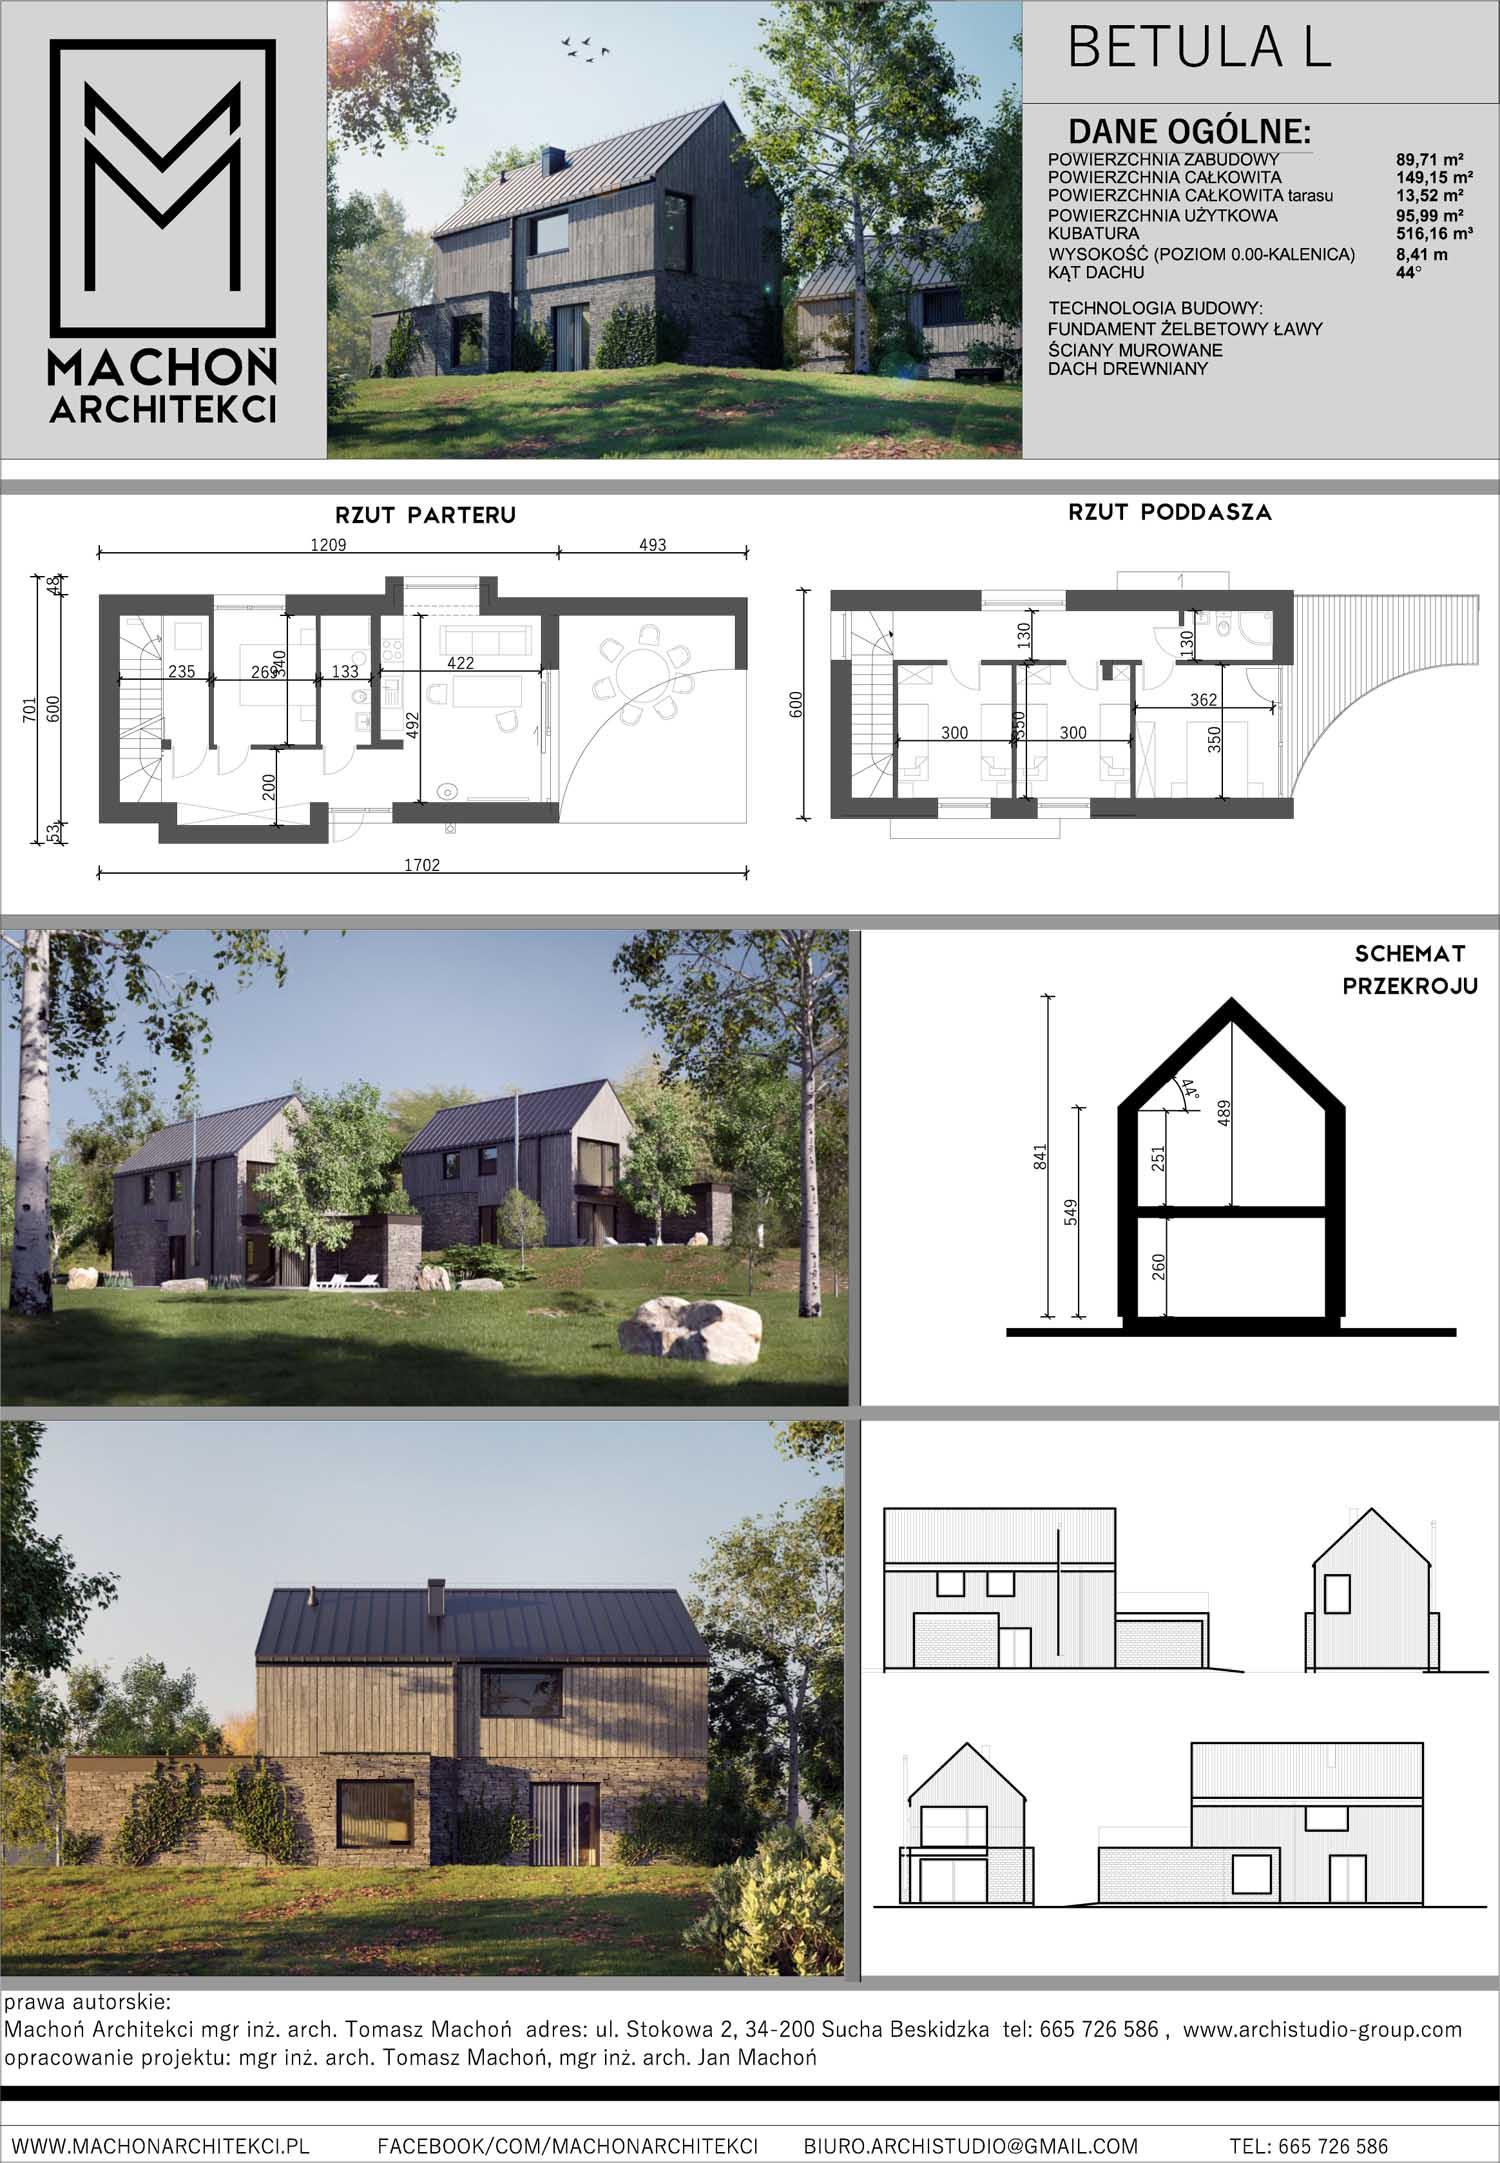 nowoczesny dom stodoła do 100m na wąską działkę w lesie w górach deska elewacyjna projekt gotowy